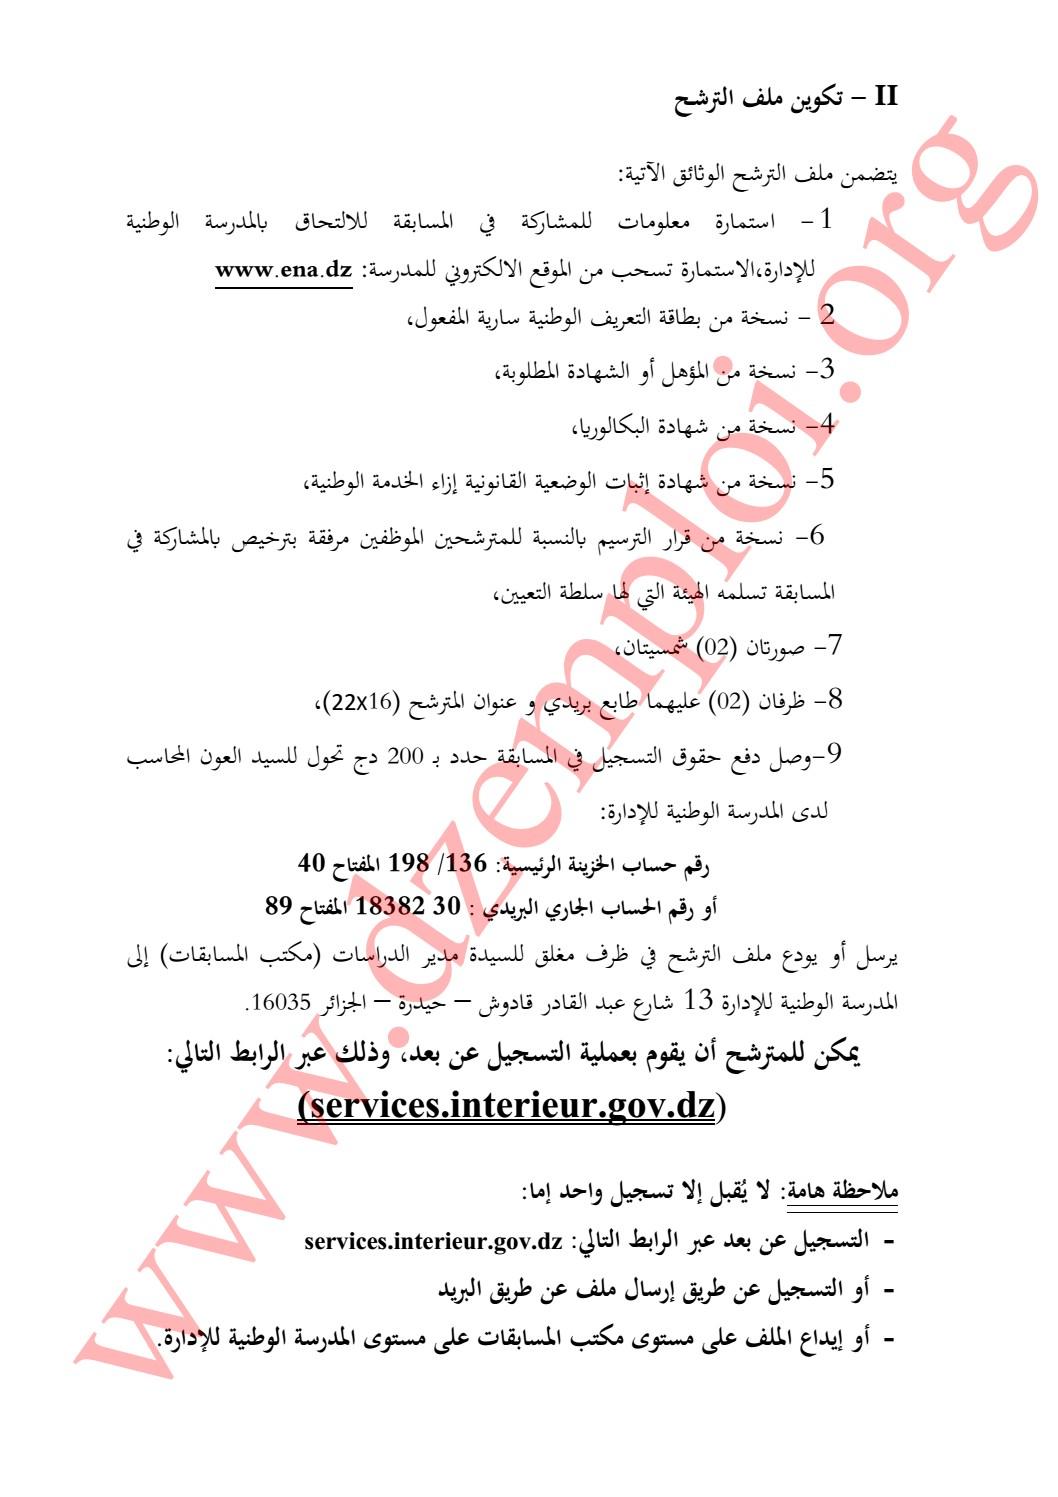 إعلان مسابقة وطنية للإلتحاق بالمدرسة الوطنية للإدارة \